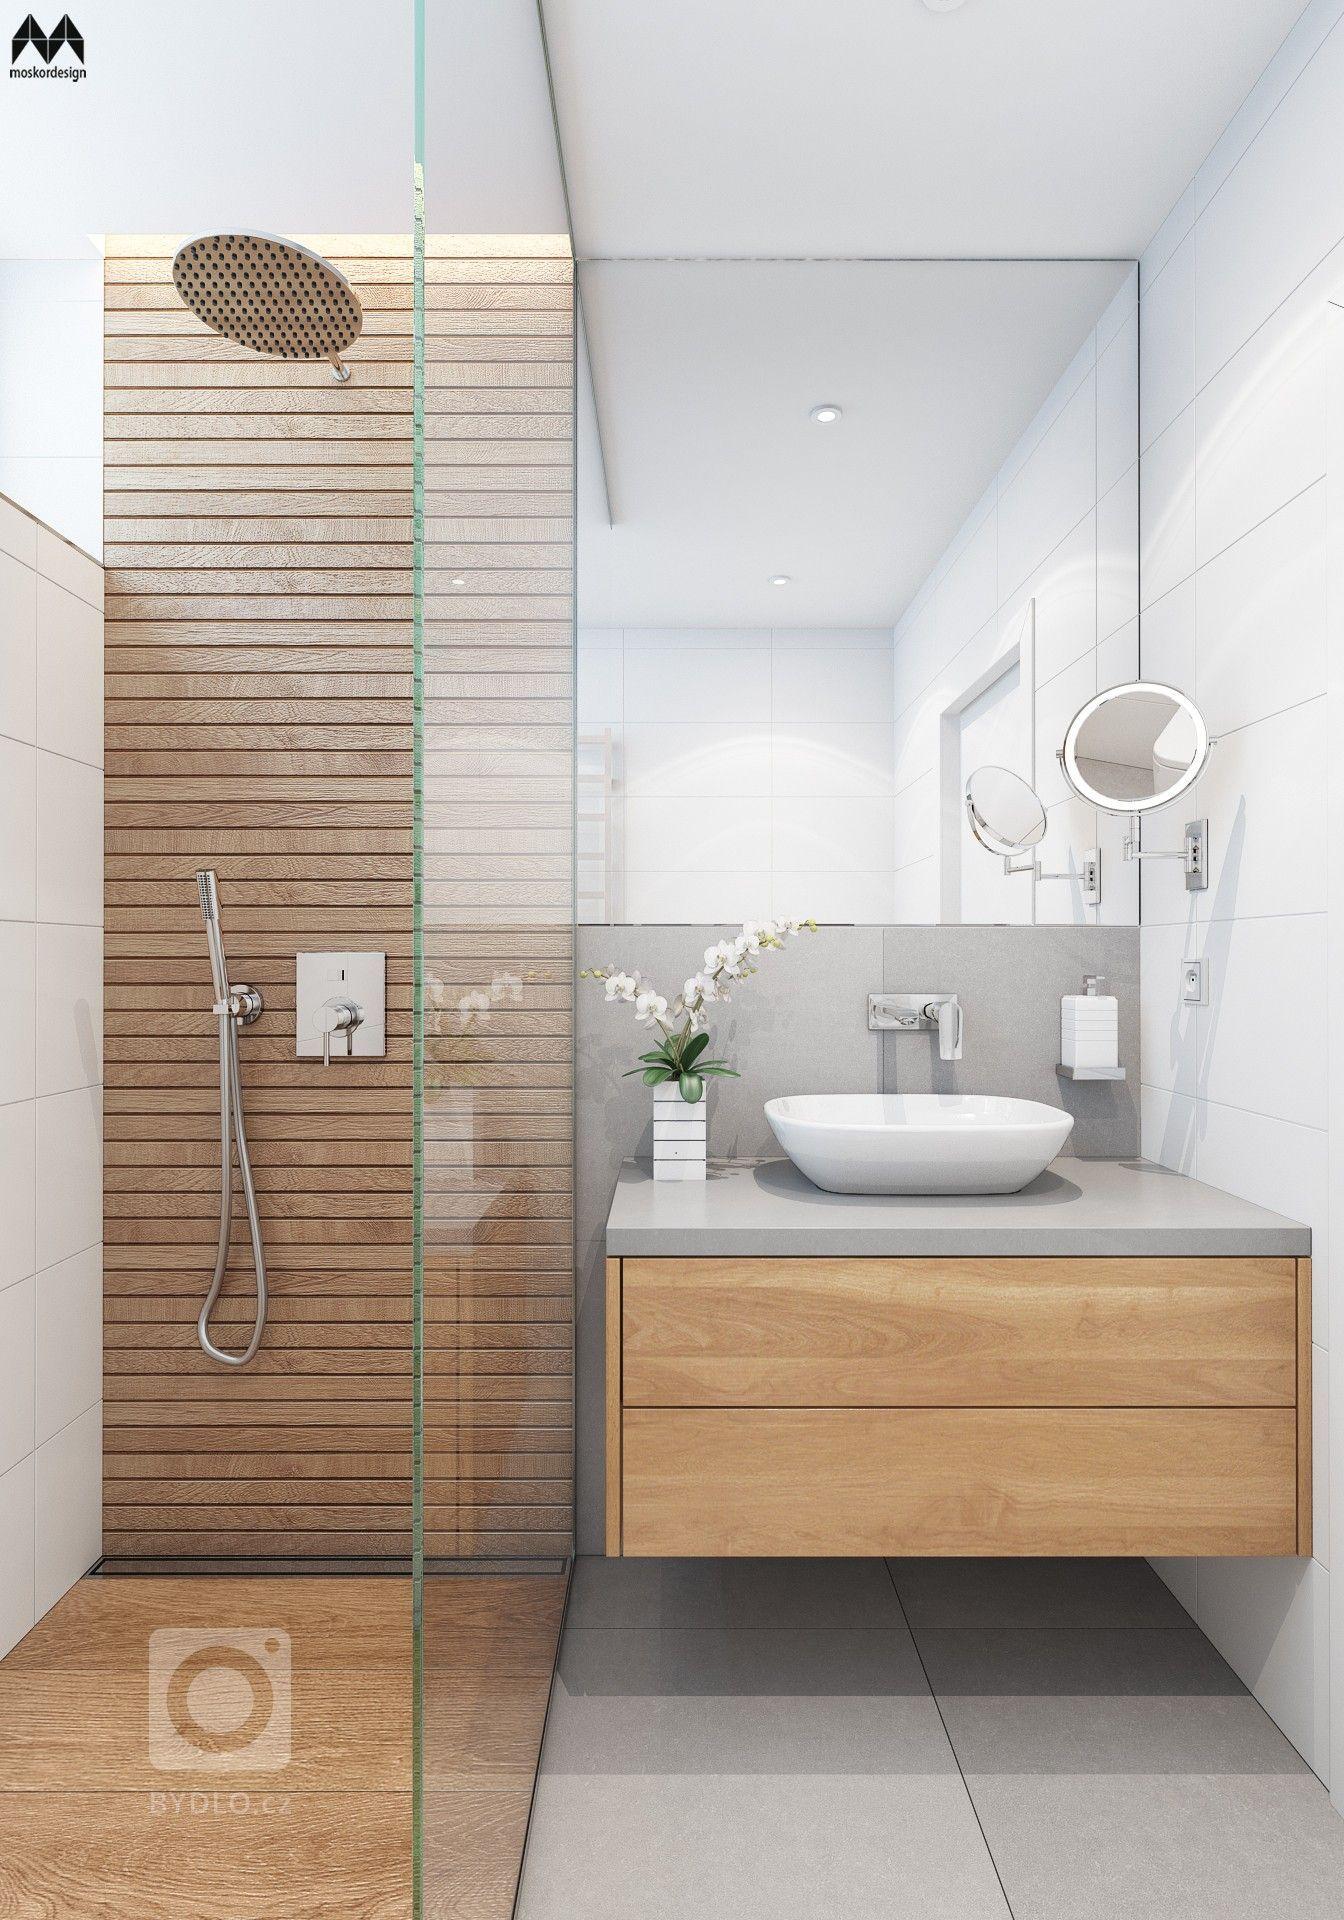 spa inspired relaxing bath salle de bains salle de